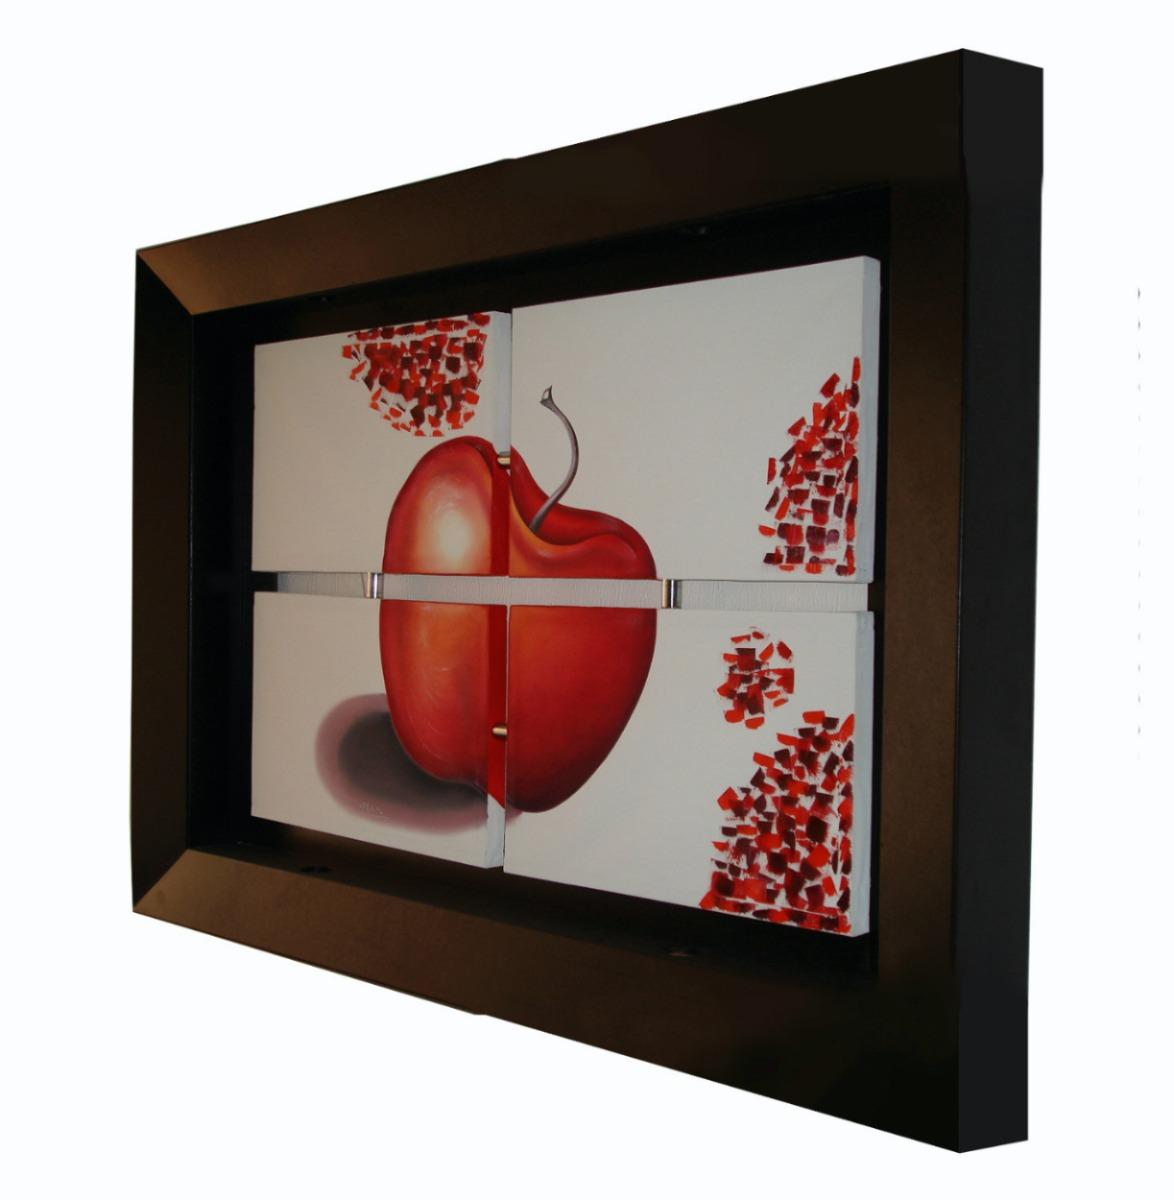 cuadros al leo marco con luz spo 2 en mercado On marcos profundos para cuadros